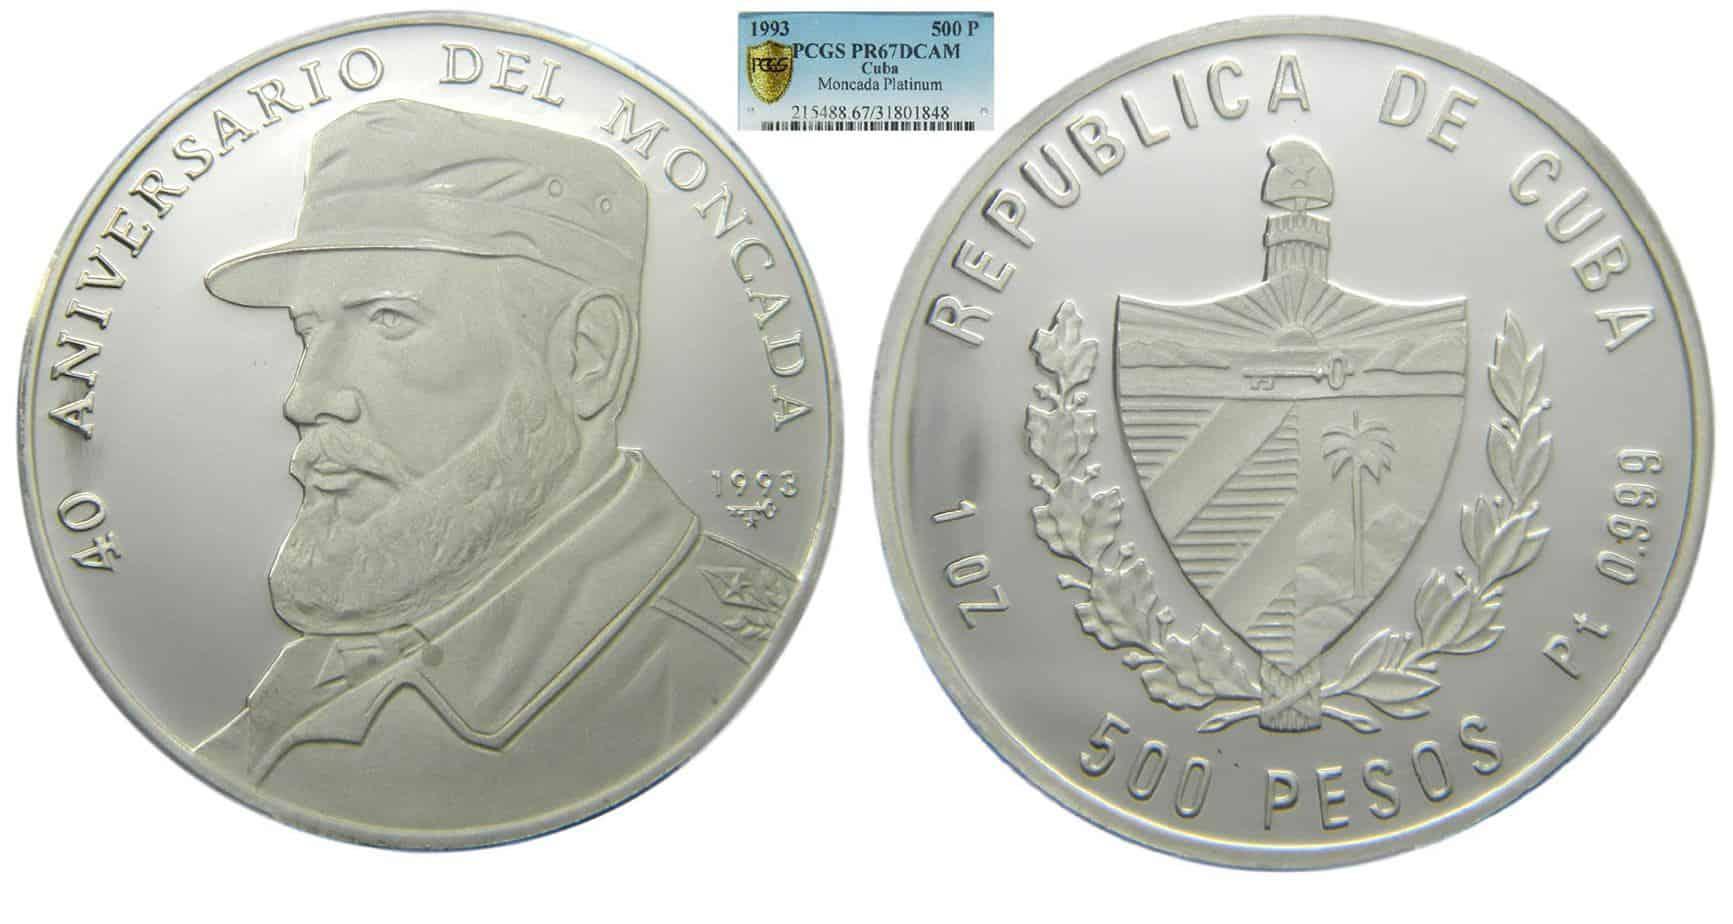 Cuba, 500 pesos 1993 platino